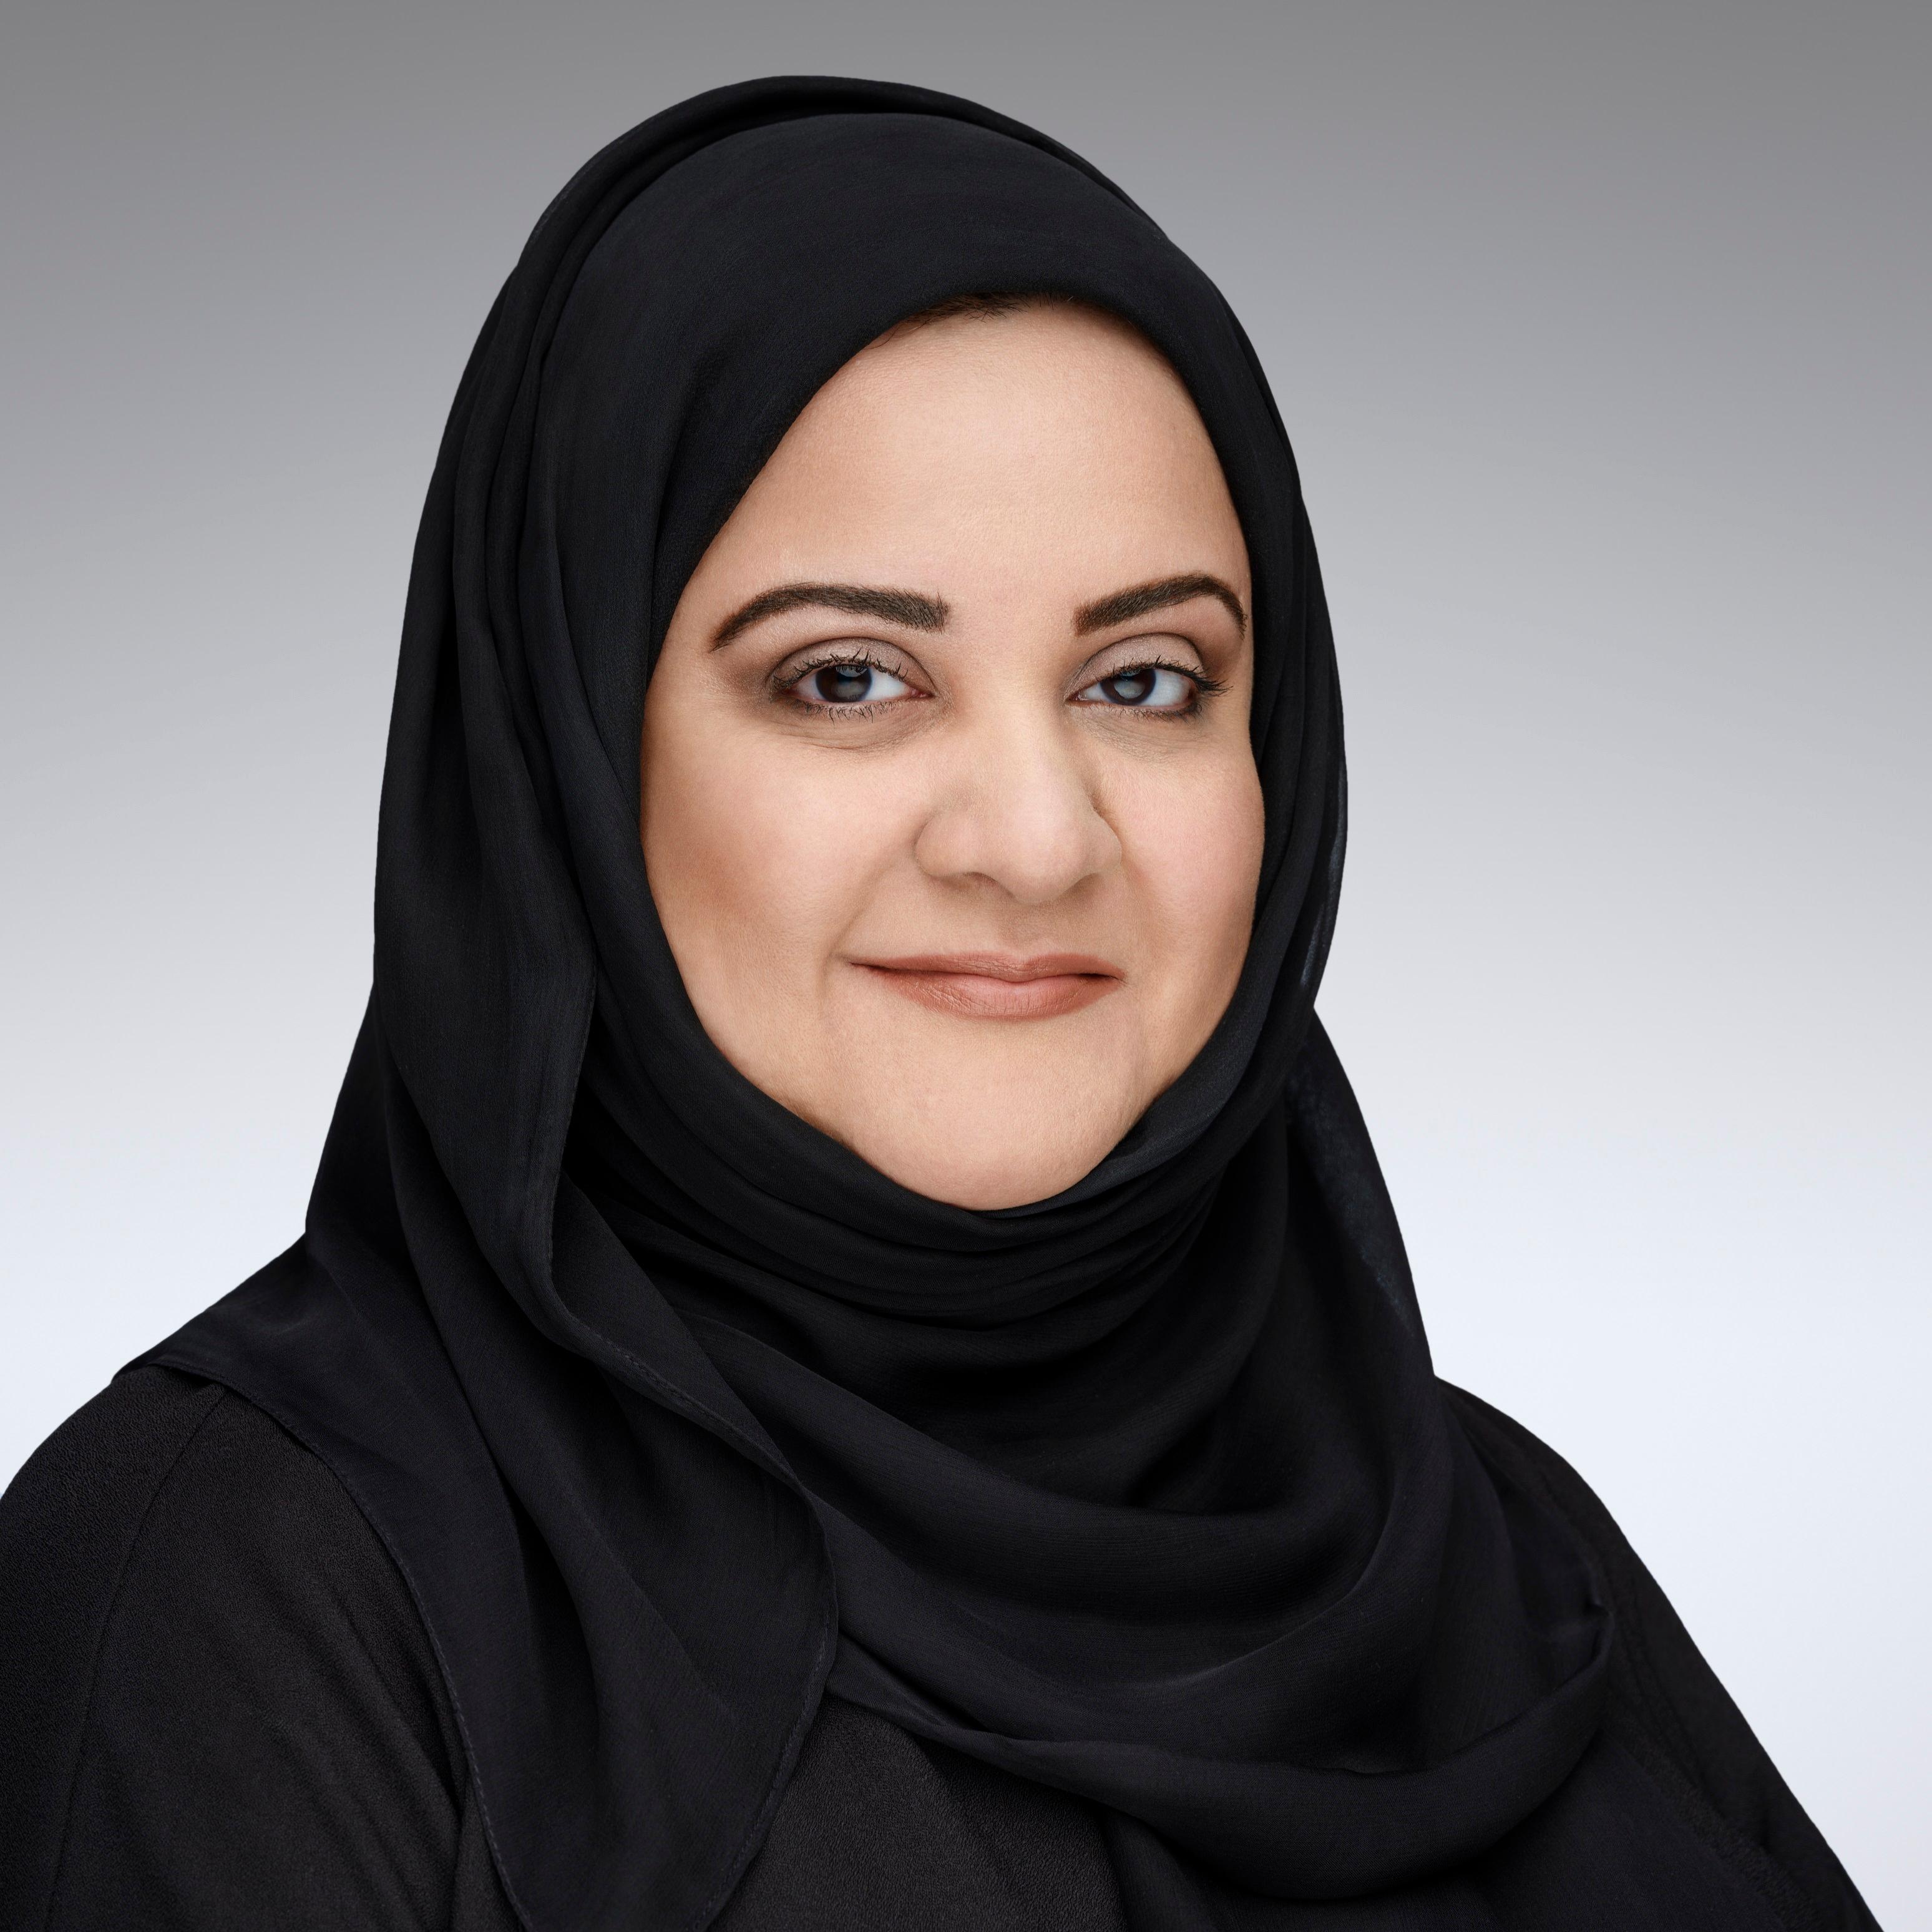 Eng. Aisha Mohamed Al Abdooli